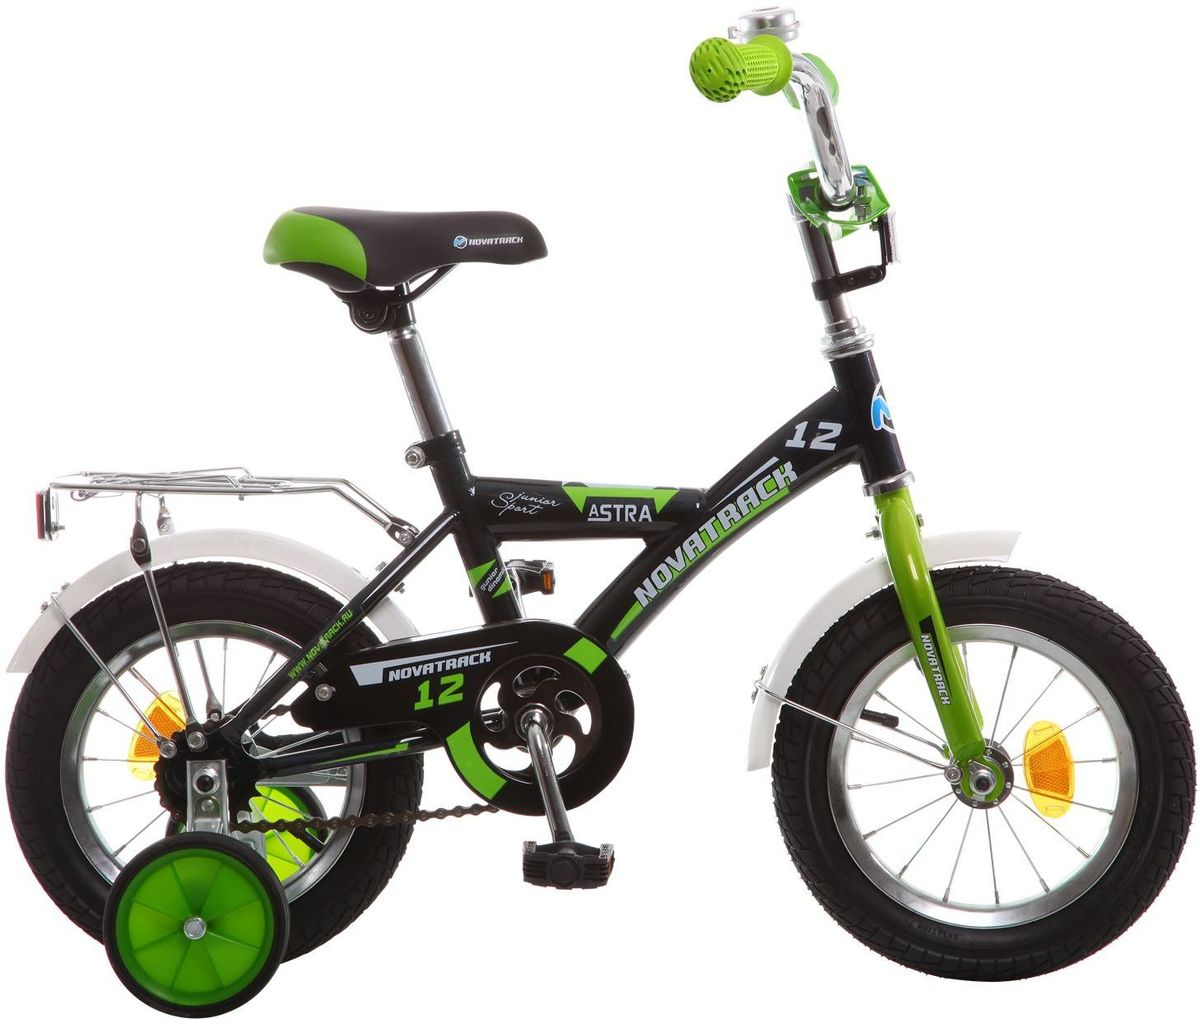 Велосипед детский Novatrack Astra, цвет: черный, зеленый, 12123ASTRA.BK5Хотите, чтобы ваш ребенок играя укреплял здоровье? Тогда ему нужен удобный и надежный велосипед Novatrack Astra, рассчитанный на малышей 2-4 лет. Одного взгляда малыша хватит, чтобы раз и навсегда влюбиться в свой новенький двухколесный транспорт, который сначала можно назвать и четырехколесным. Дополнительную устойчивость железному коню обеспечивают два маленьких съемных колеса в цвет велосипеда. Велосипед собран на базе рамы с универсальной геометрией, которая позволяет легко взобраться или слезть с велосипеда, при этом велосипед имеет такой вес, что маленький ребенок сам легко справляется со своим транспортным средством. Так как велосипед предназначен для самых маленьких, предусмотрен ограничитель поворота руля, который не позволит сильно завернуть руль и упасть. Еще один элемент безопасности - это защита цепи, которая оберегает одежду и ноги малыша от попадания в механизм. Стильные крылья защитят от грязи и брызг, а на багажнике ребенок сможет перевозить массу полезных в дороге вещей. Данная модель маневренна и легко управляется, поэтому ребенку будет несложно и интересно учиться езде.Какой велосипед выбрать? Статья OZON Гид